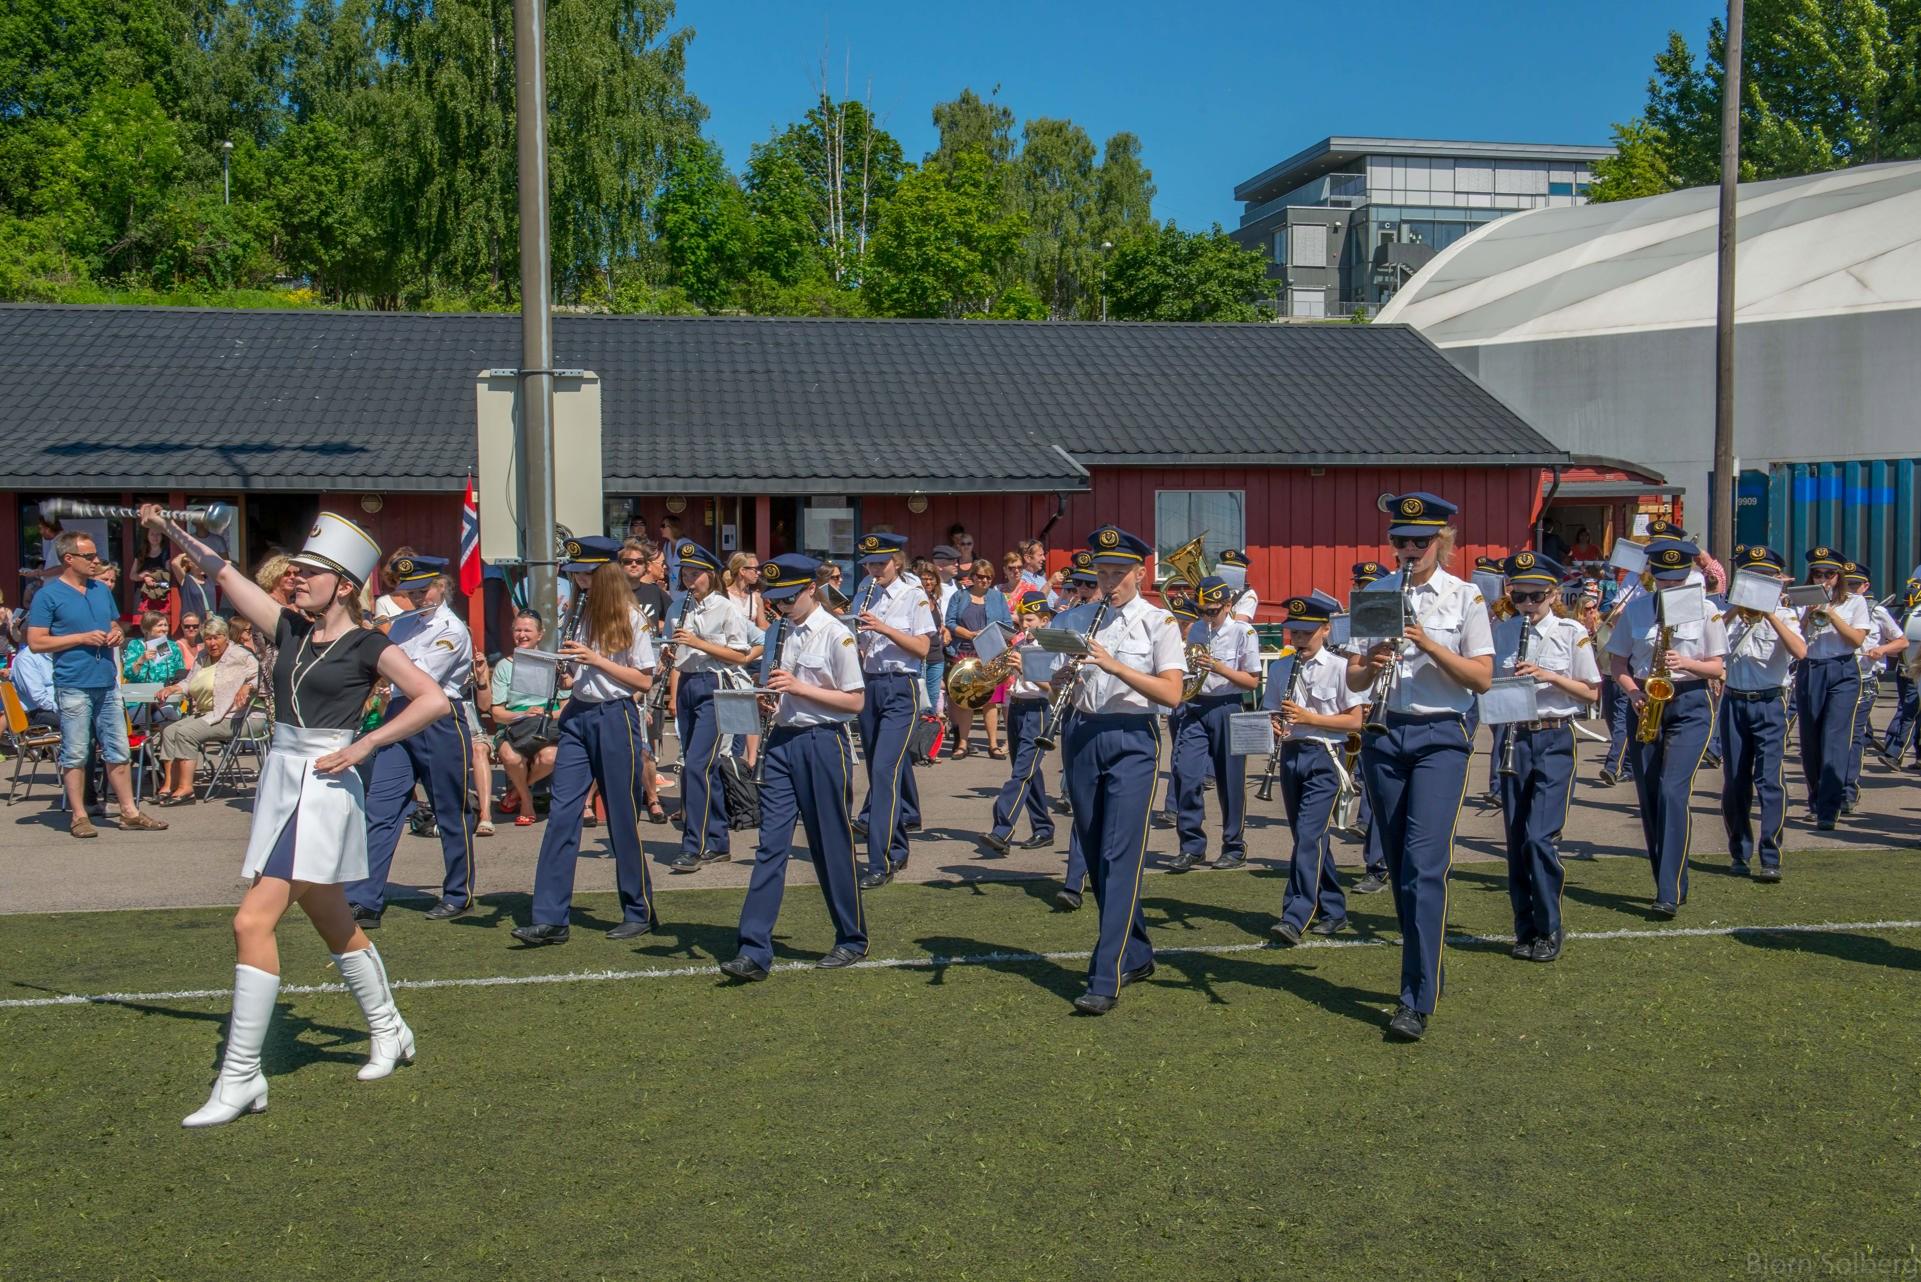 20140601-HSMK, Kretsstevne på Løren 2014-06-01 014